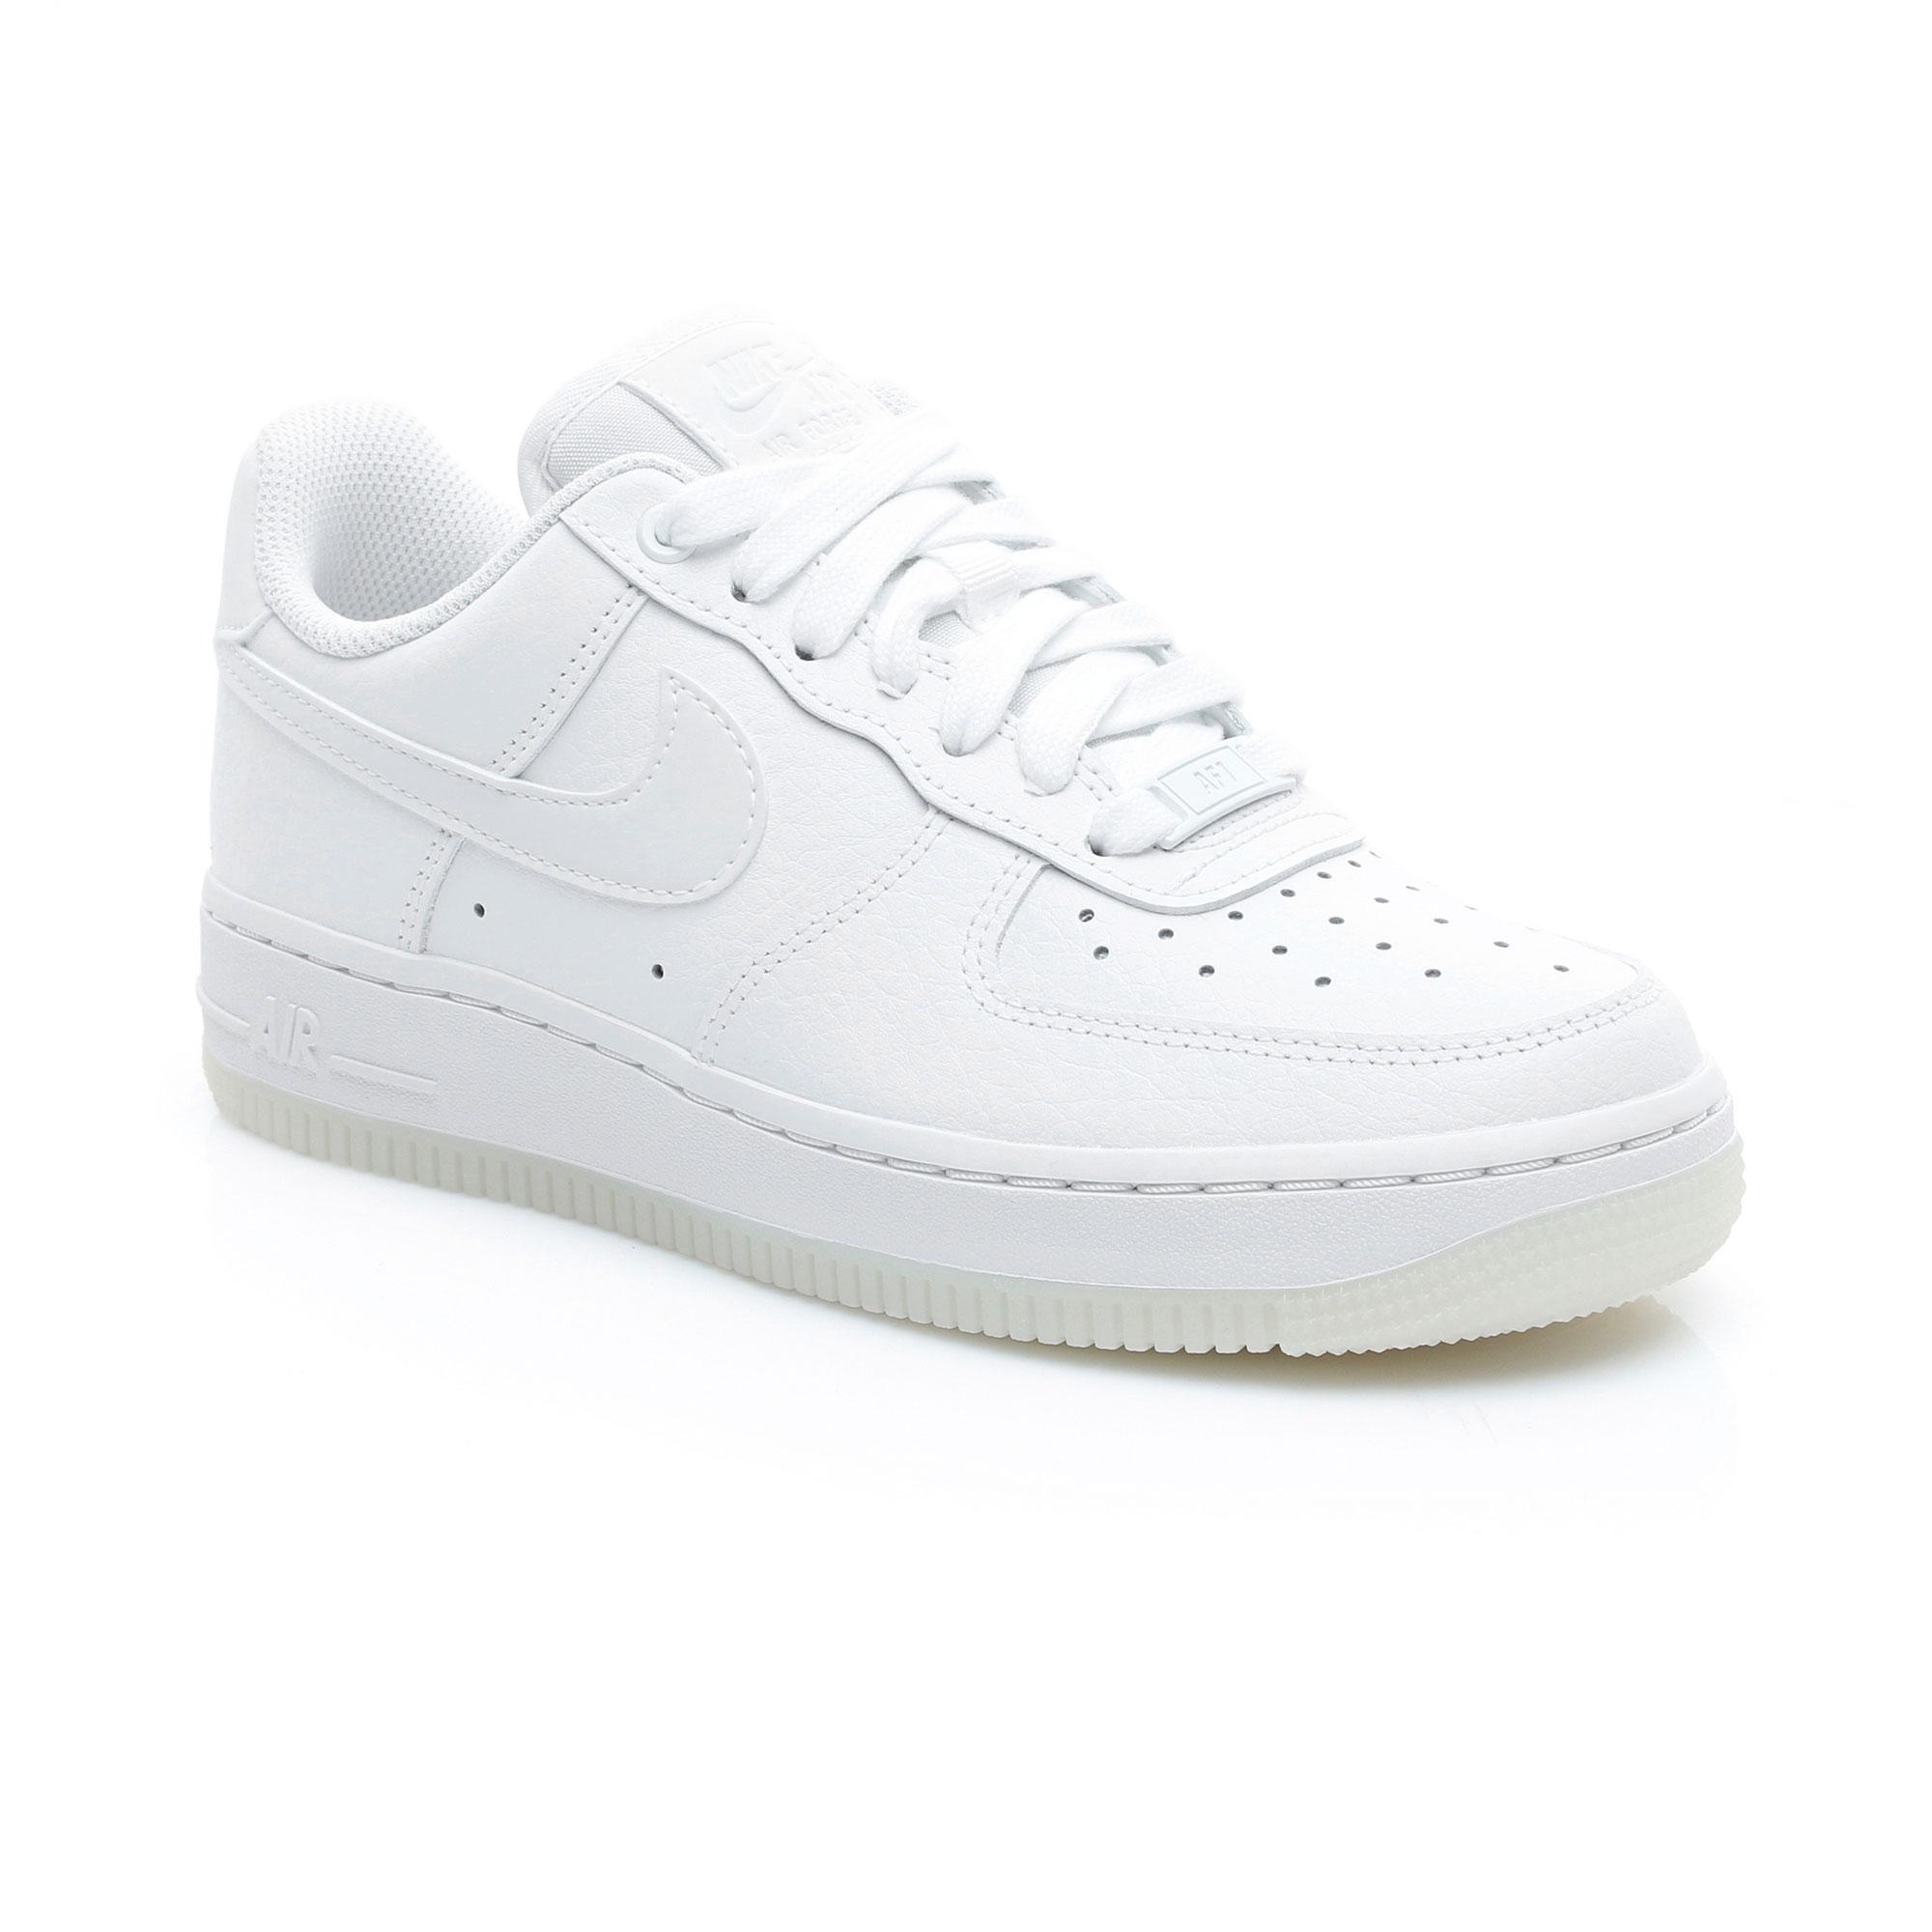 Nike Air Force 1 '07 Ess Kadın Beyaz Spor Ayakkabı